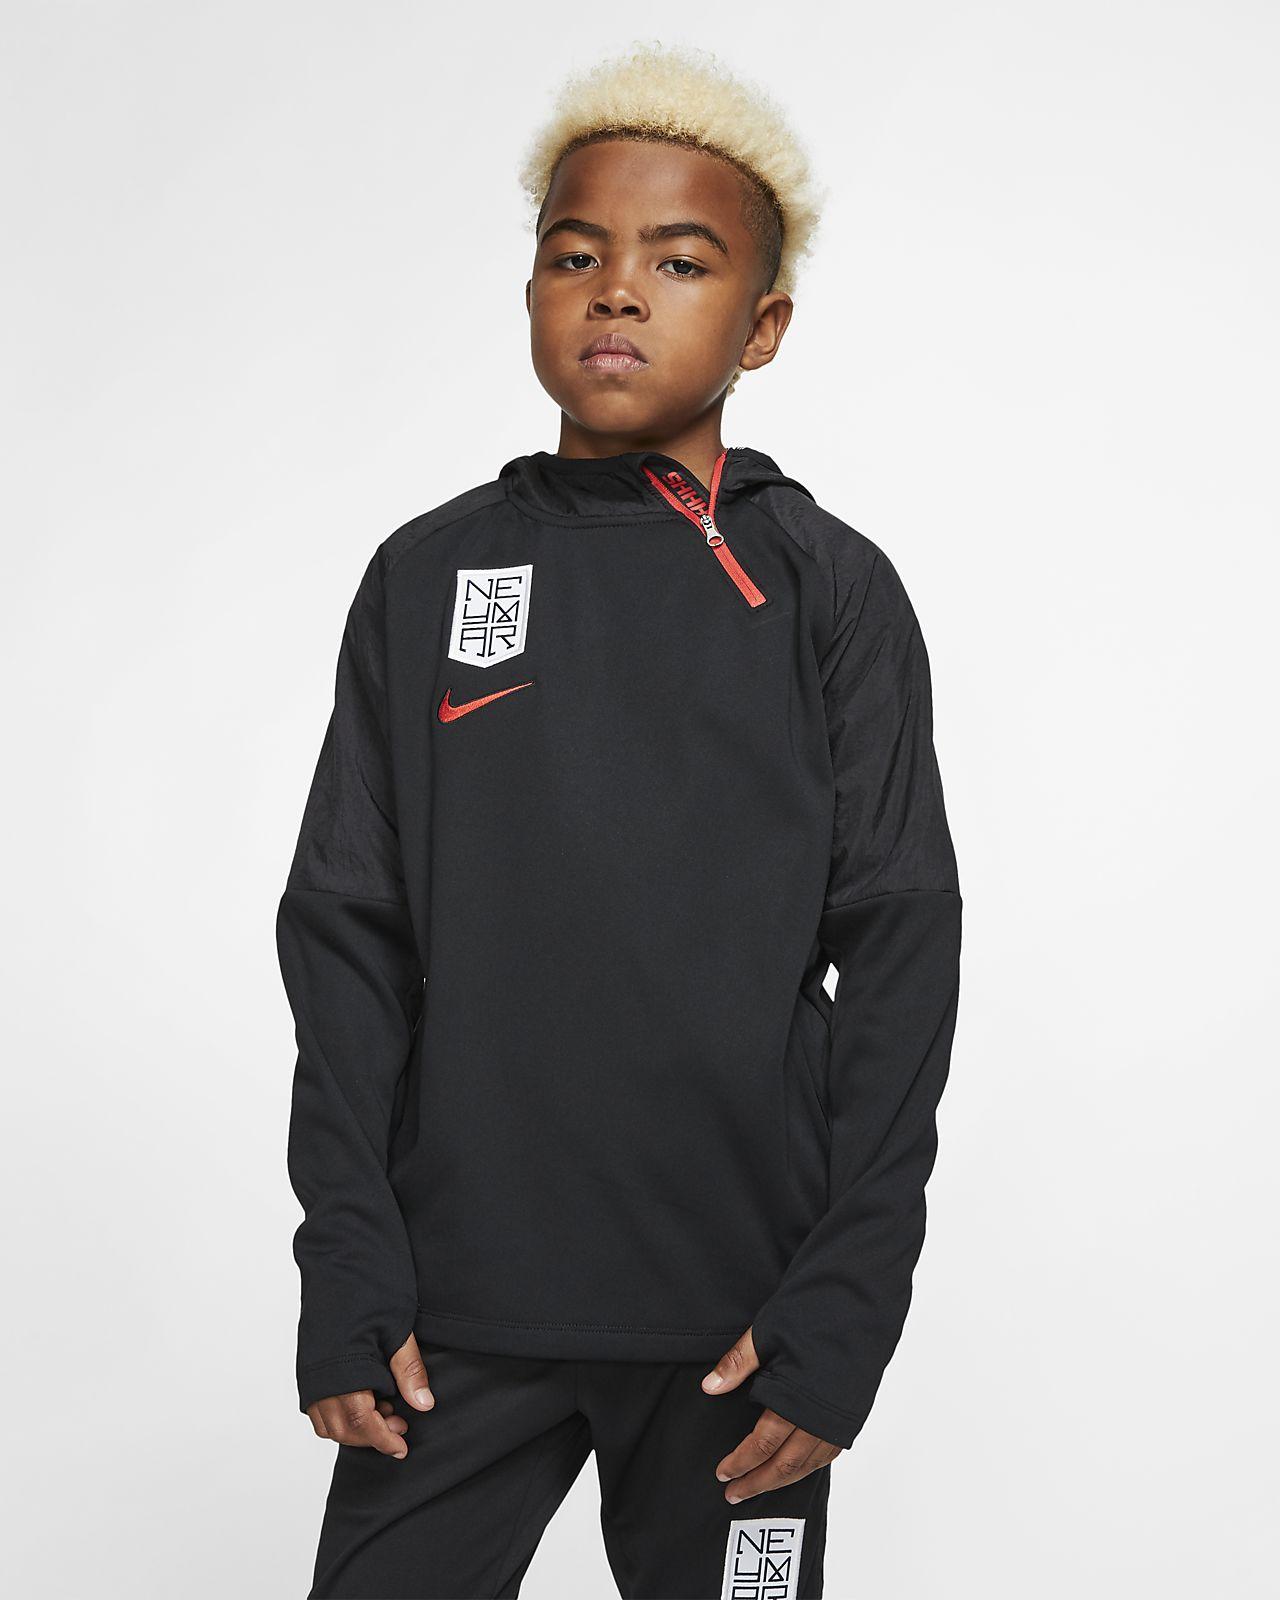 Nike Dri-FIT Neymar Jr. kapucnis futballpulóver nagyobb gyerekeknek